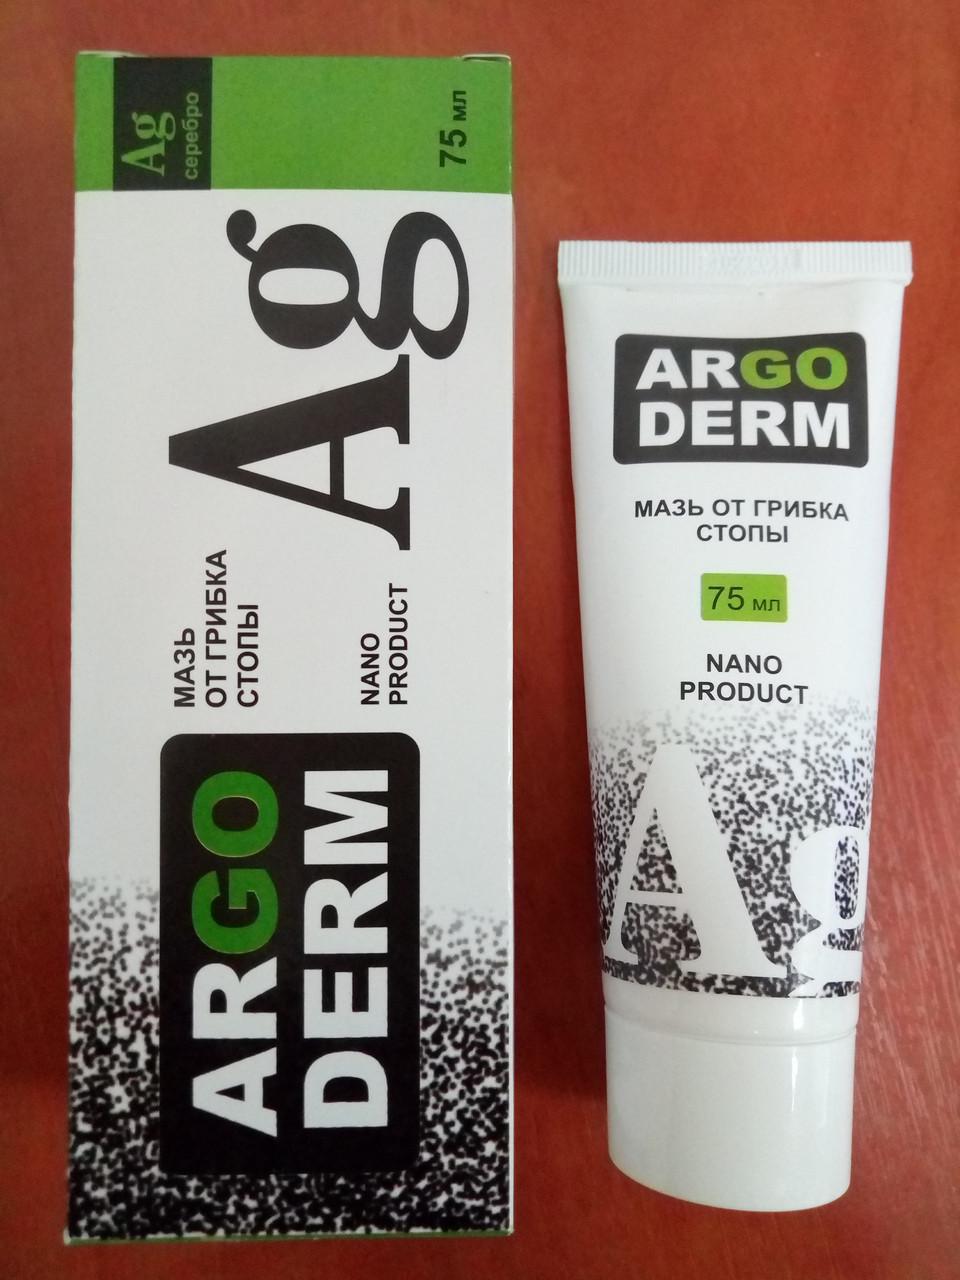 ArgoDerm (Аргодерм) мазь для ногтей и стоп